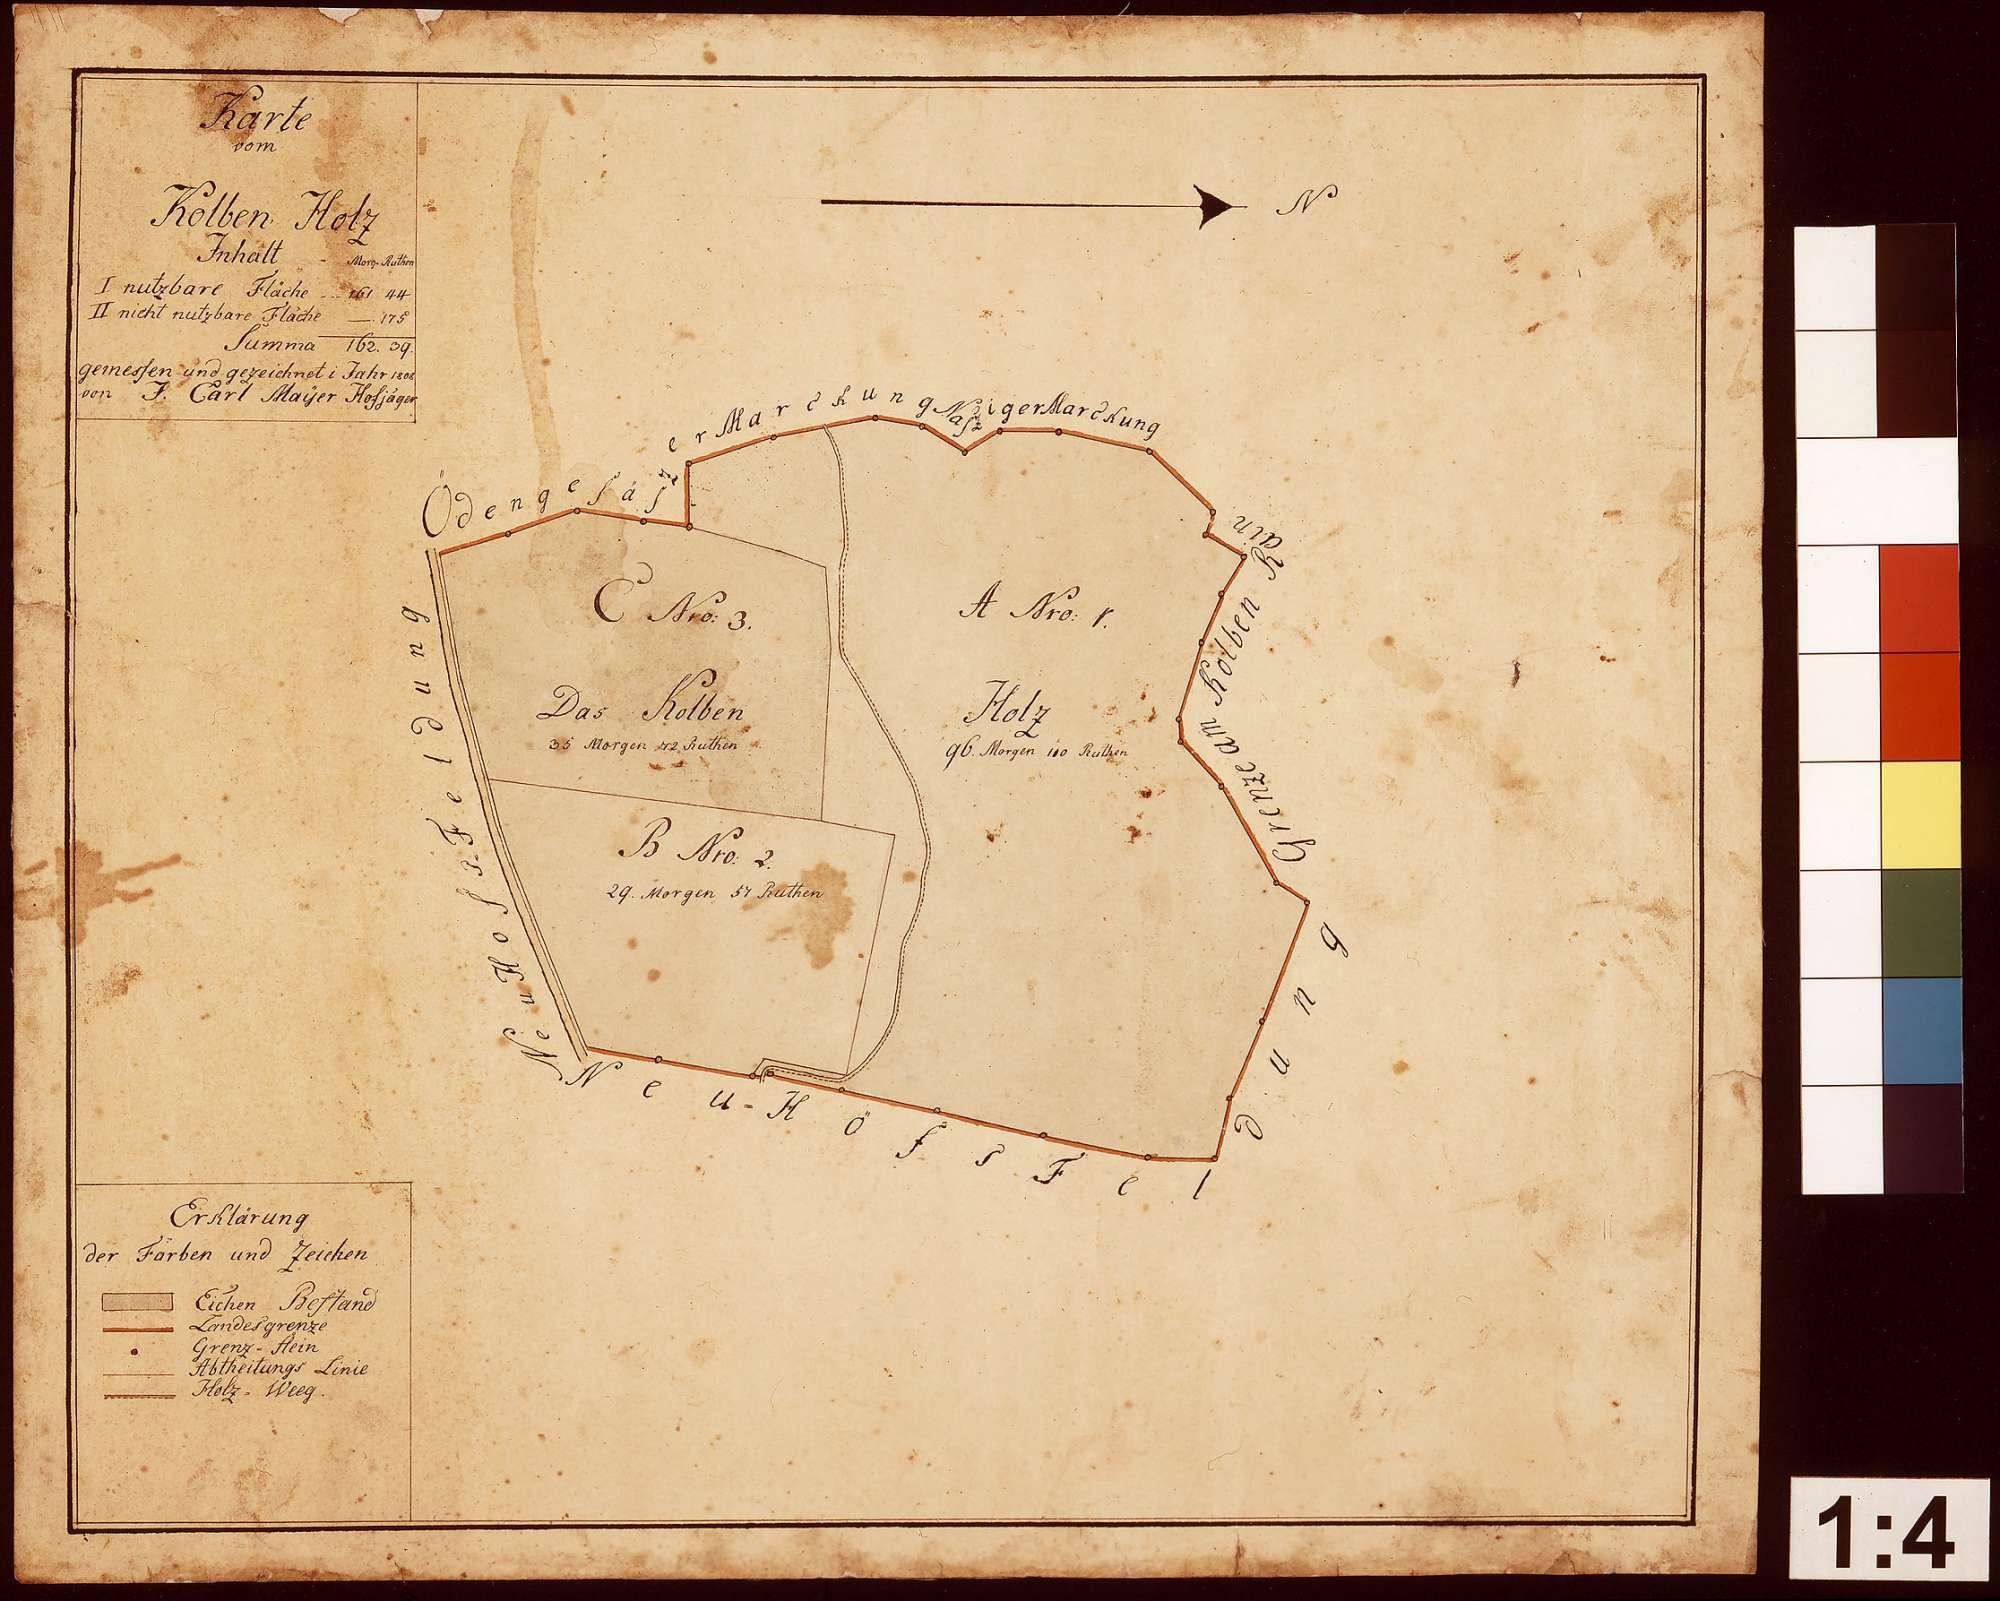 Karte vom Kolbenholz, Bild 1